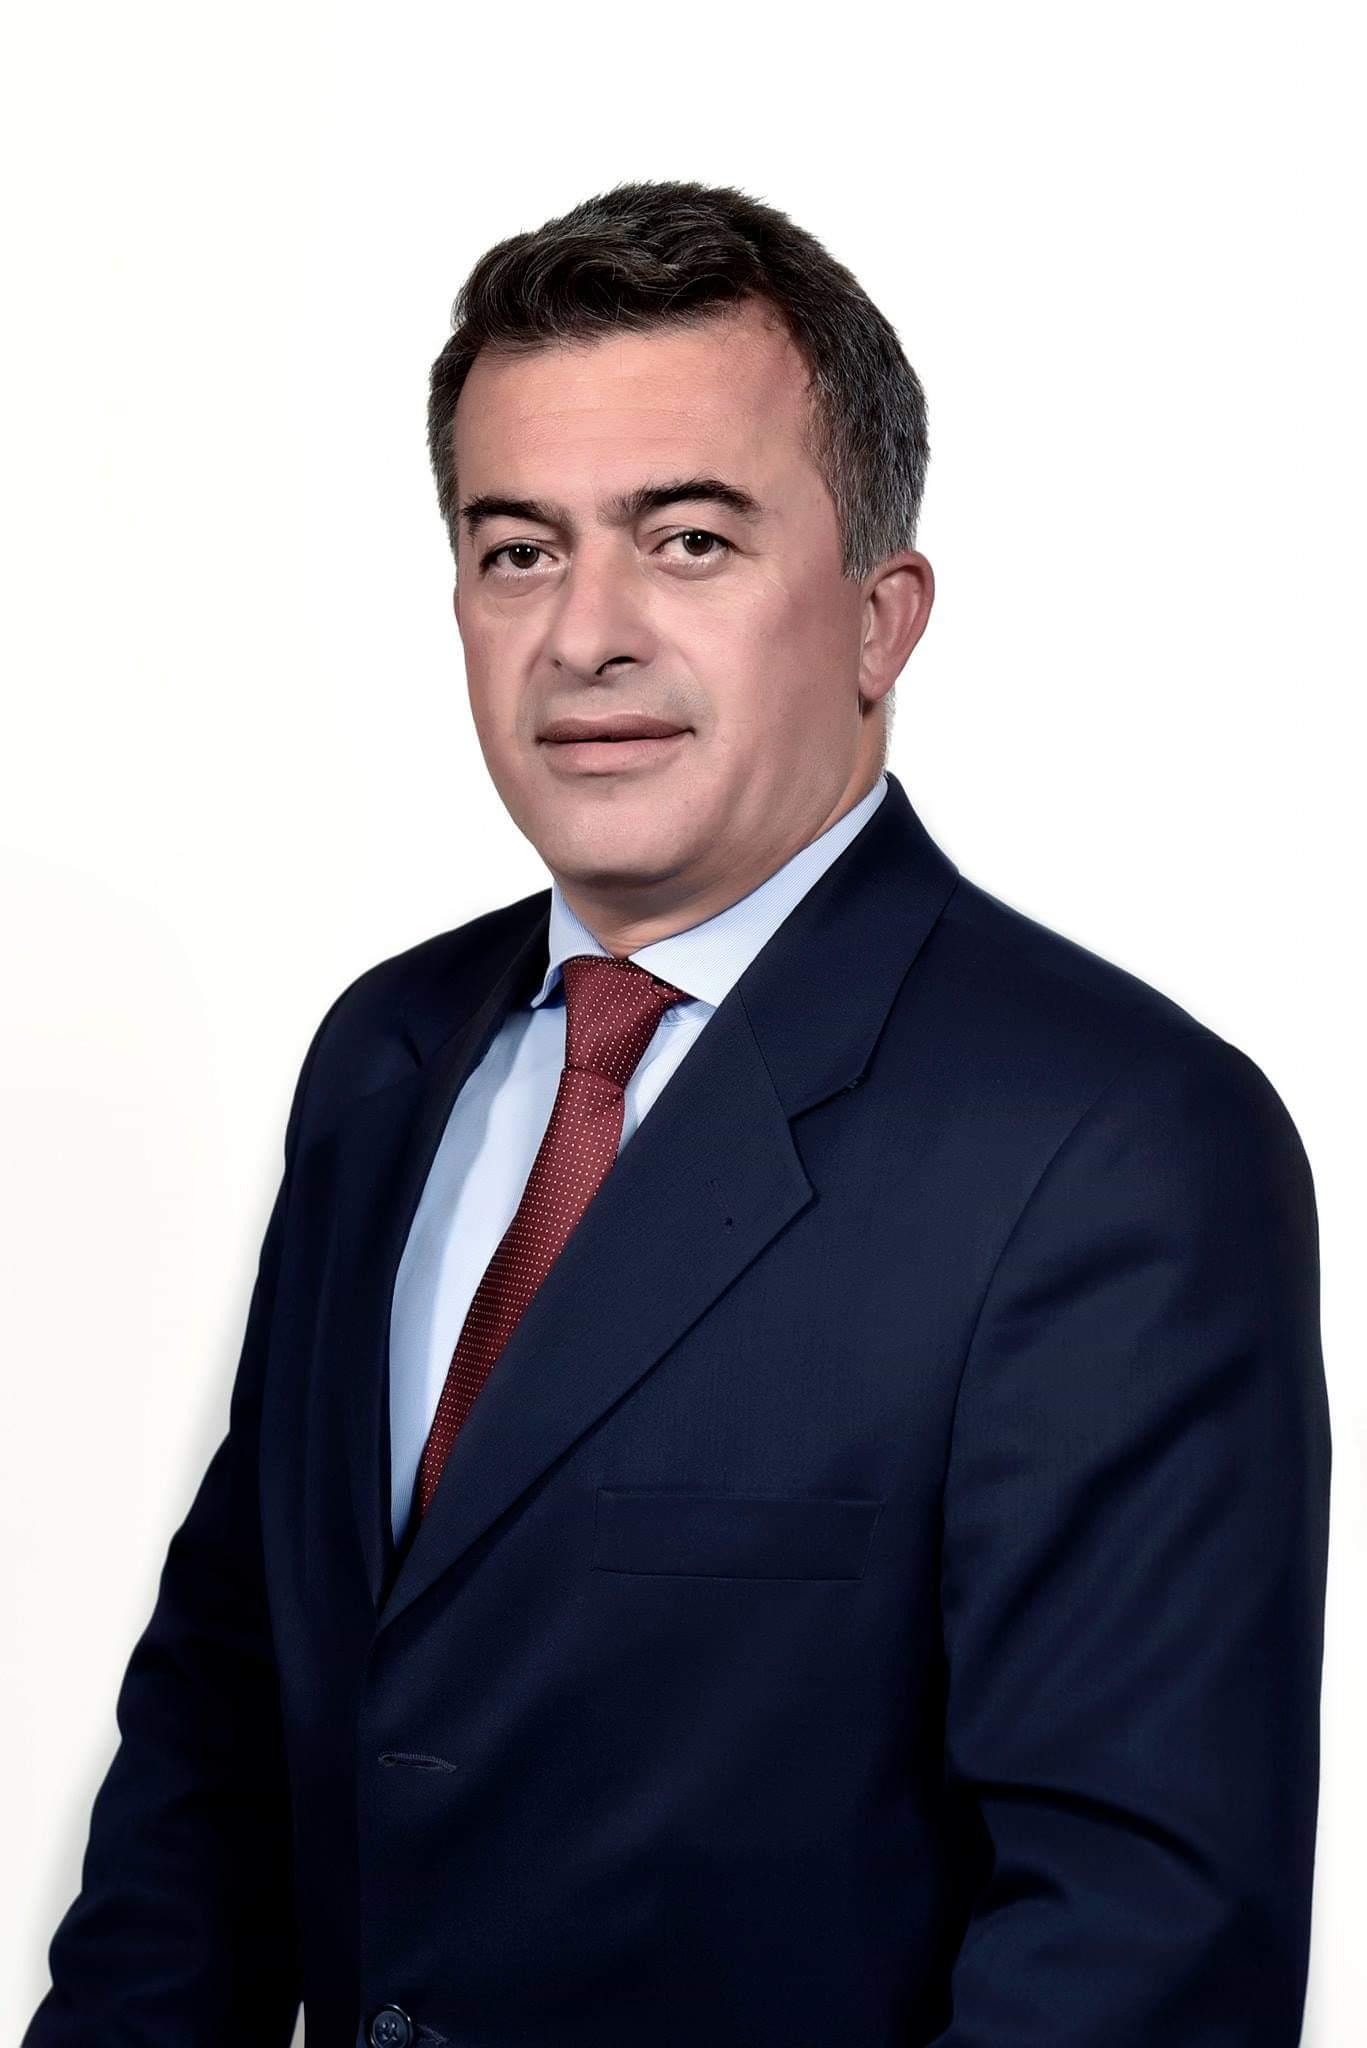 Δημήτρης Κωνσταντόπουλος: Το «καλάμι» της πολιτικής και οι πολιτικοί